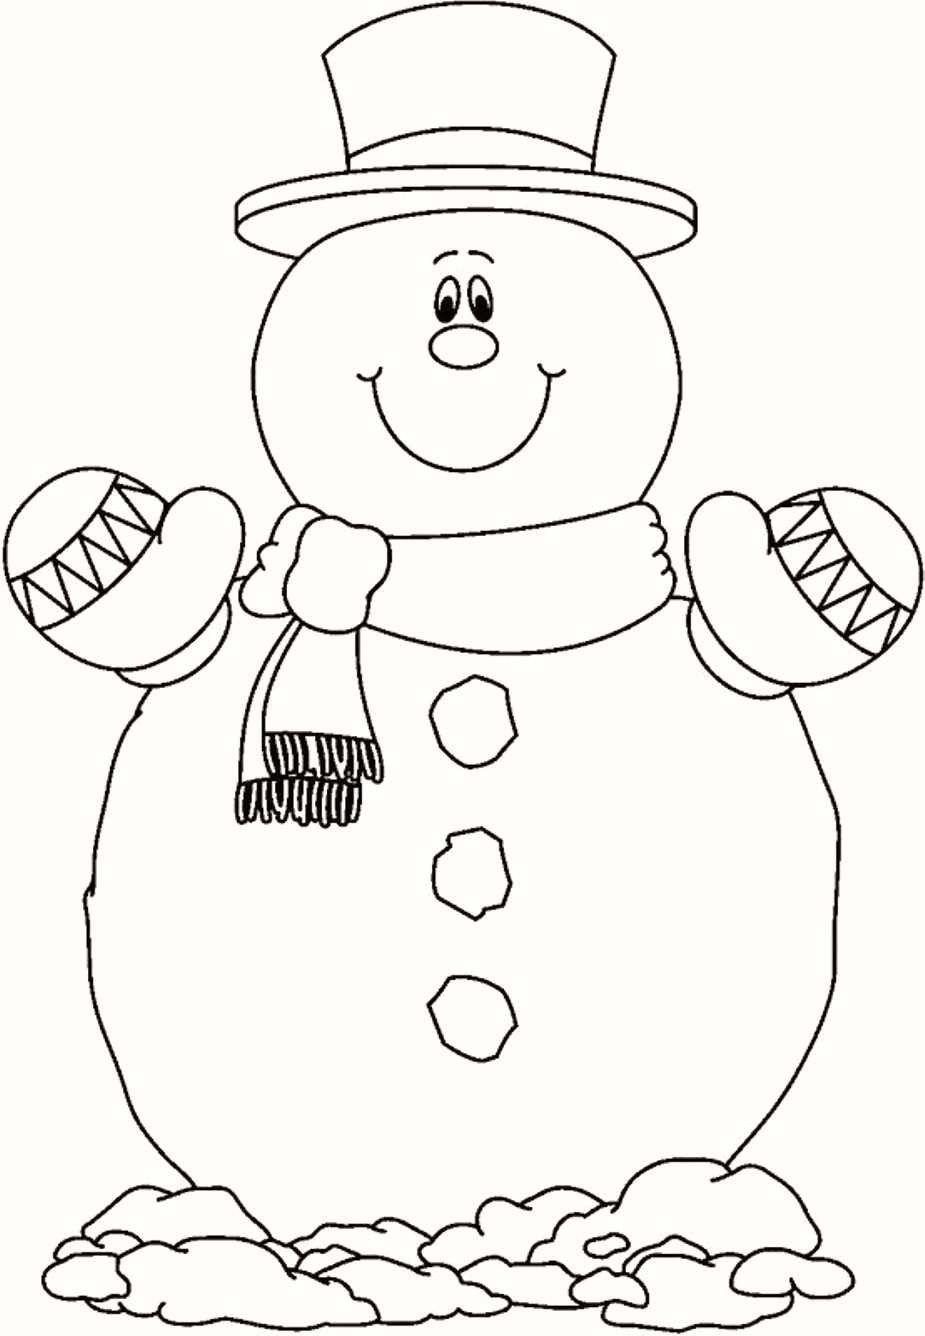 340a61103e01f3b3e1e2bbc7bc6cef77 » Frosty The Snowman Coloring Book Clipart